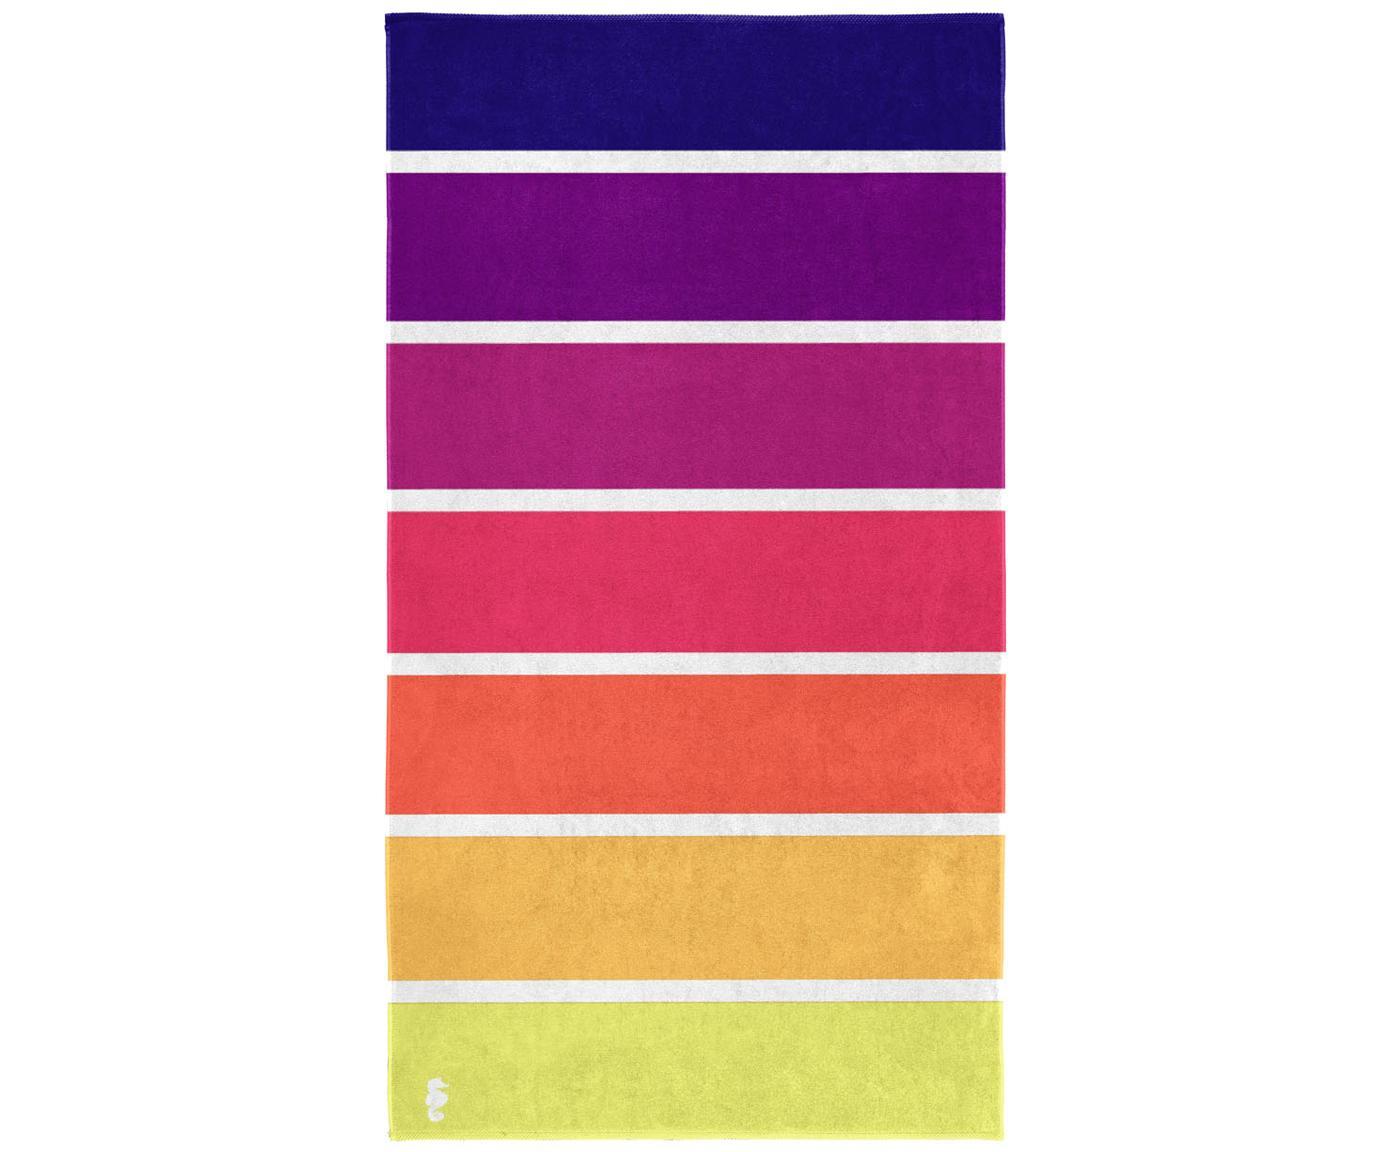 Strandlaken Marbella, Katoen, Geel, oranje, roze, lila, violet, 100 x 180 cm